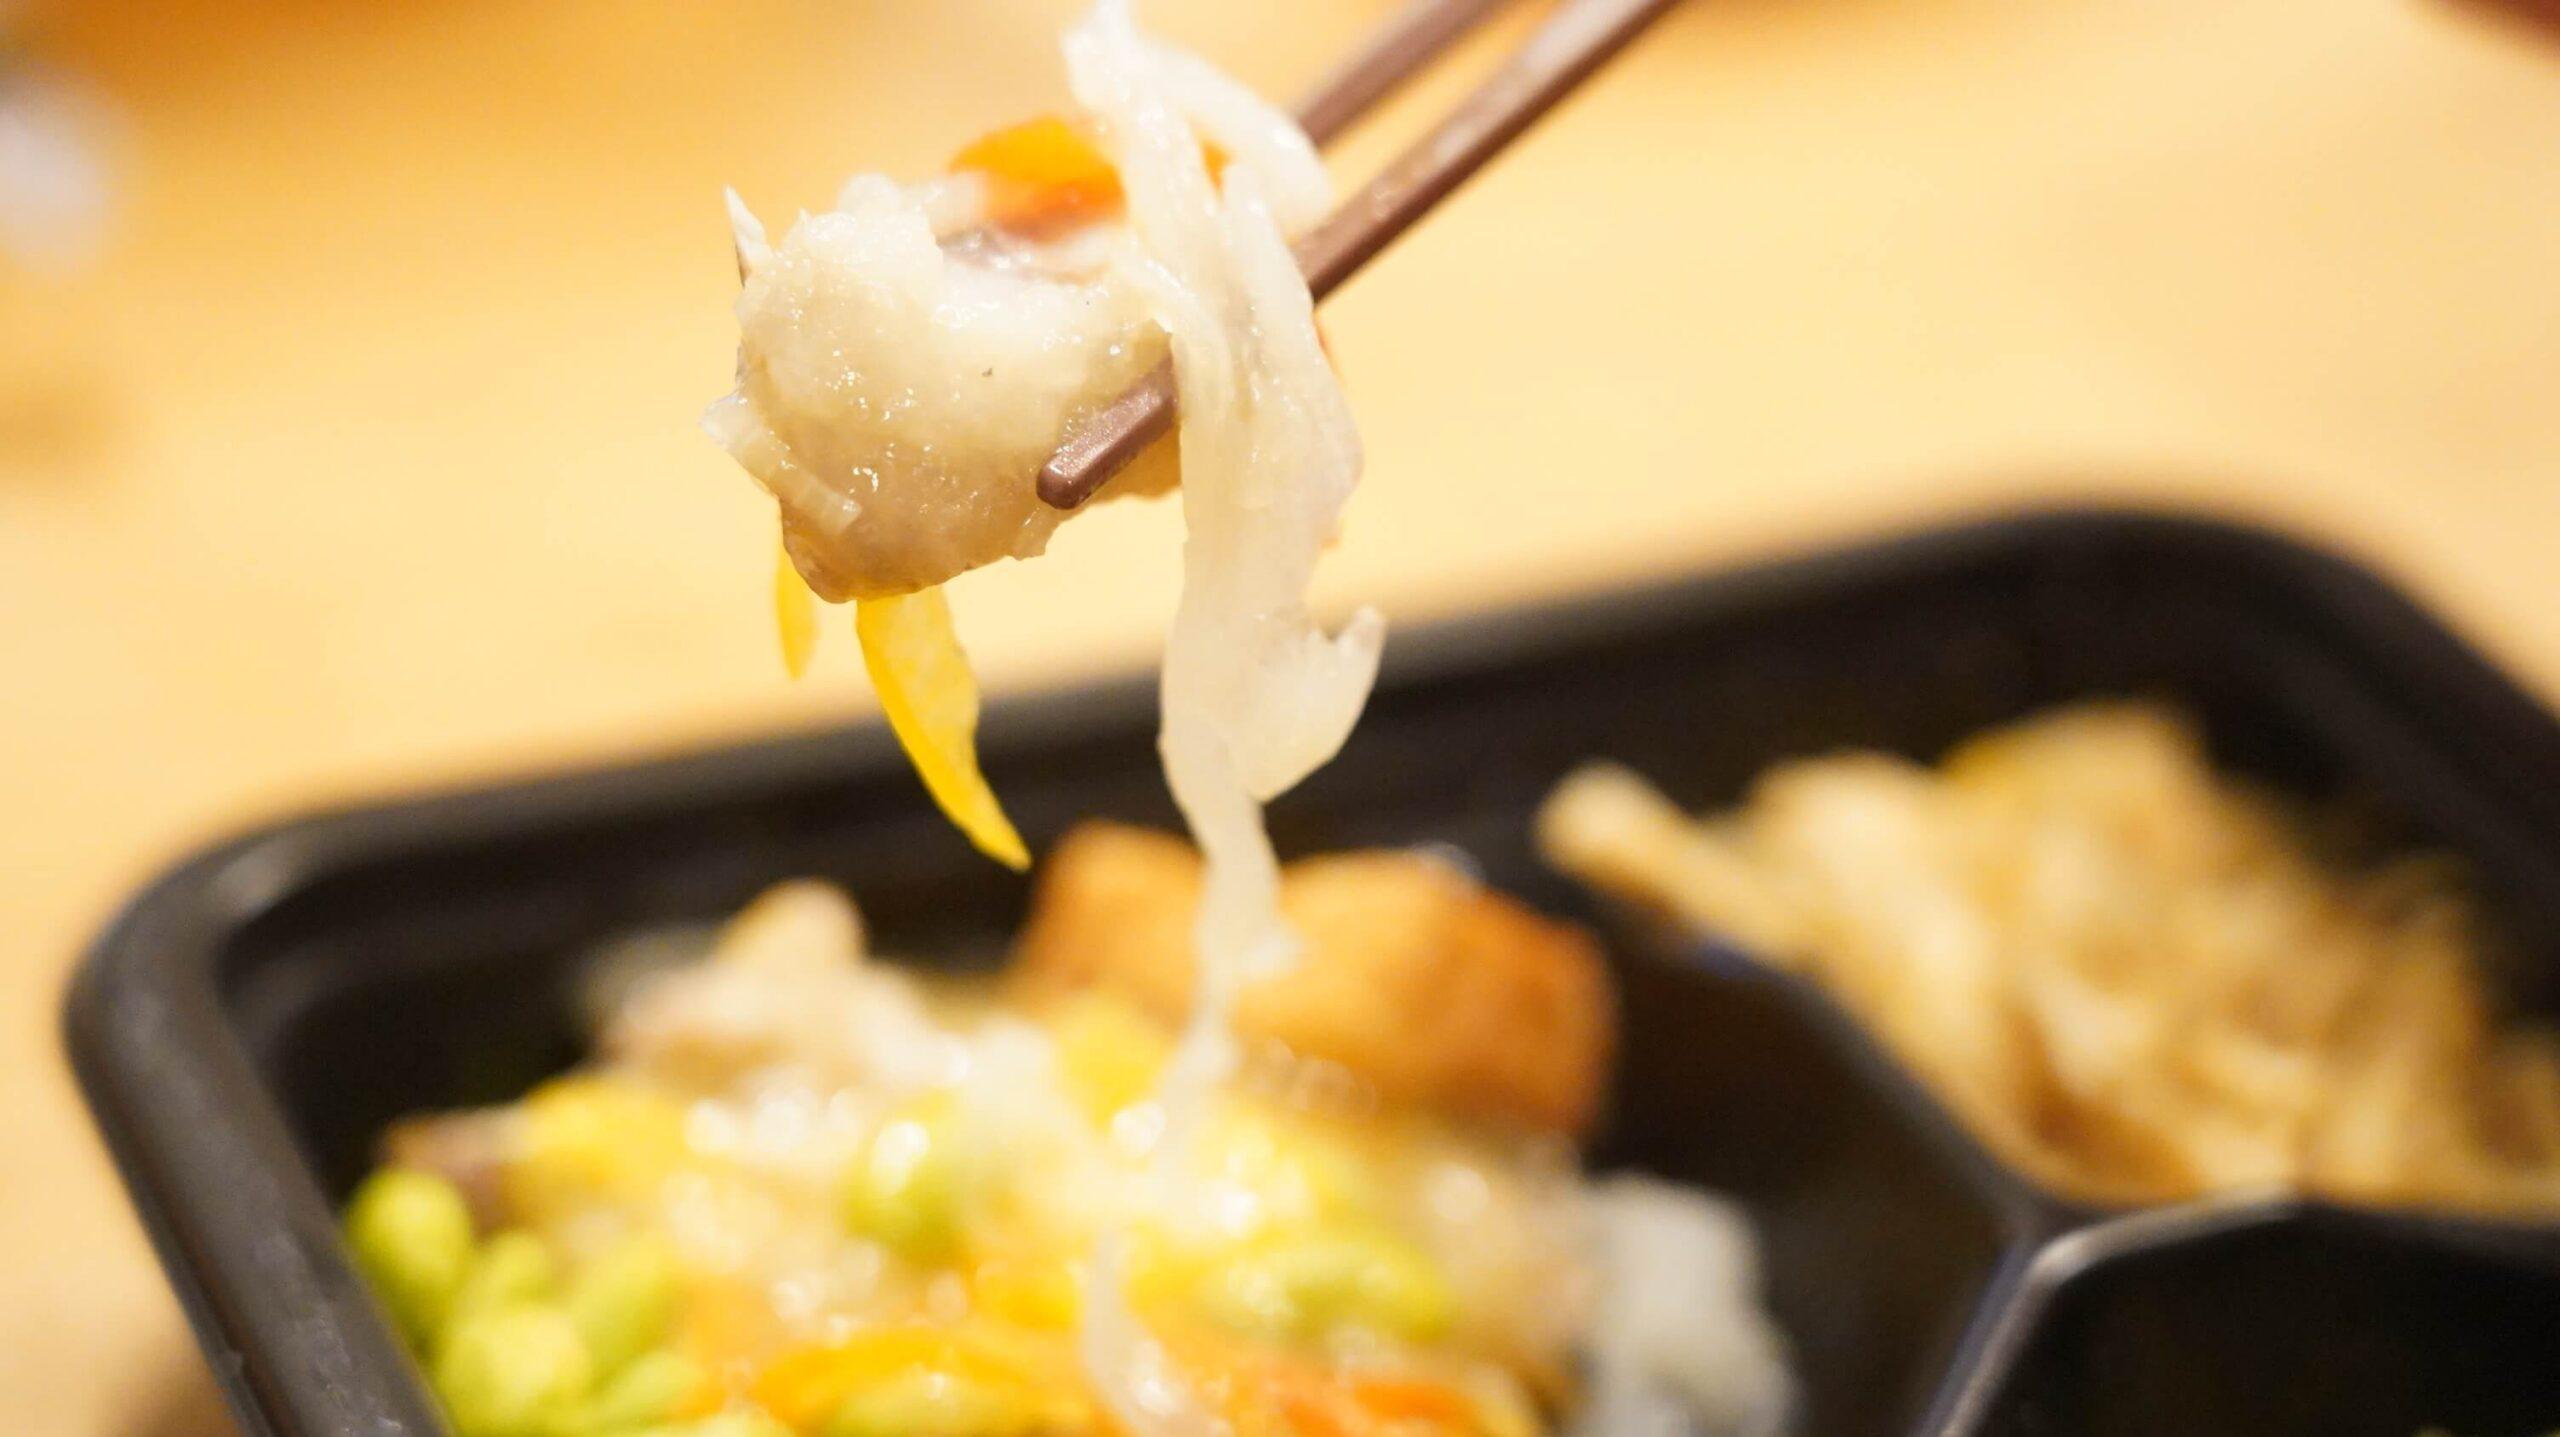 ライザップのサポートミール「あじの甘酢あんかけ」の「あじの甘酢あんかけ」を箸でつまんでいる写真